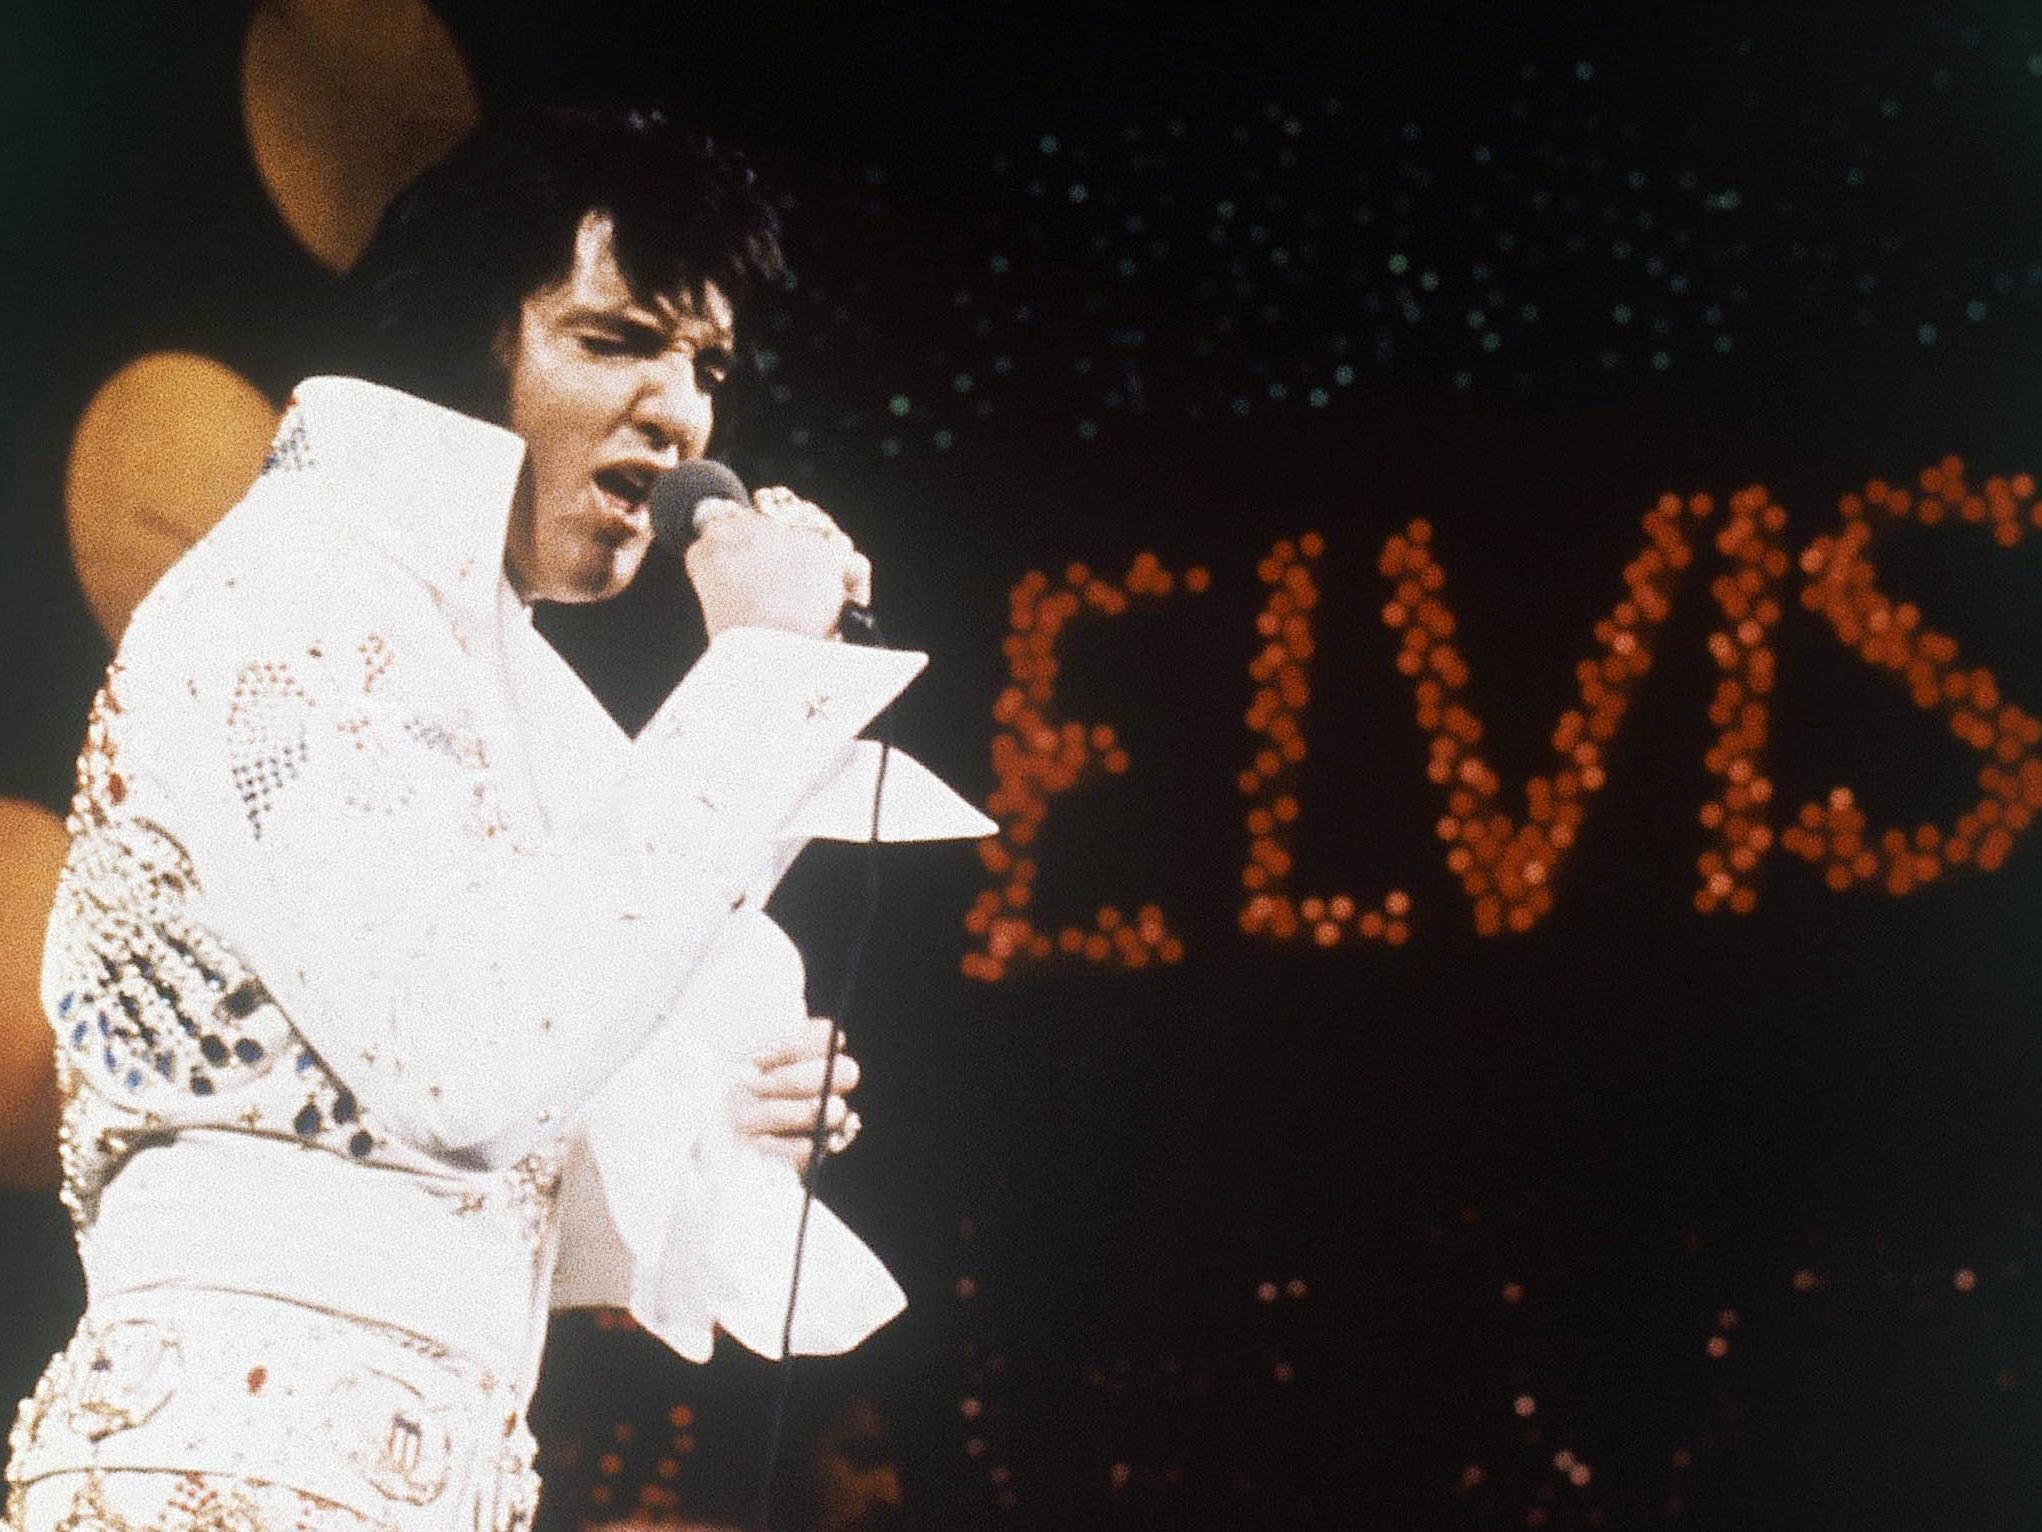 Der King Elvis Presley hätte am 8. Jänner 2015 seinen 80. Geburtstag gefeiert.